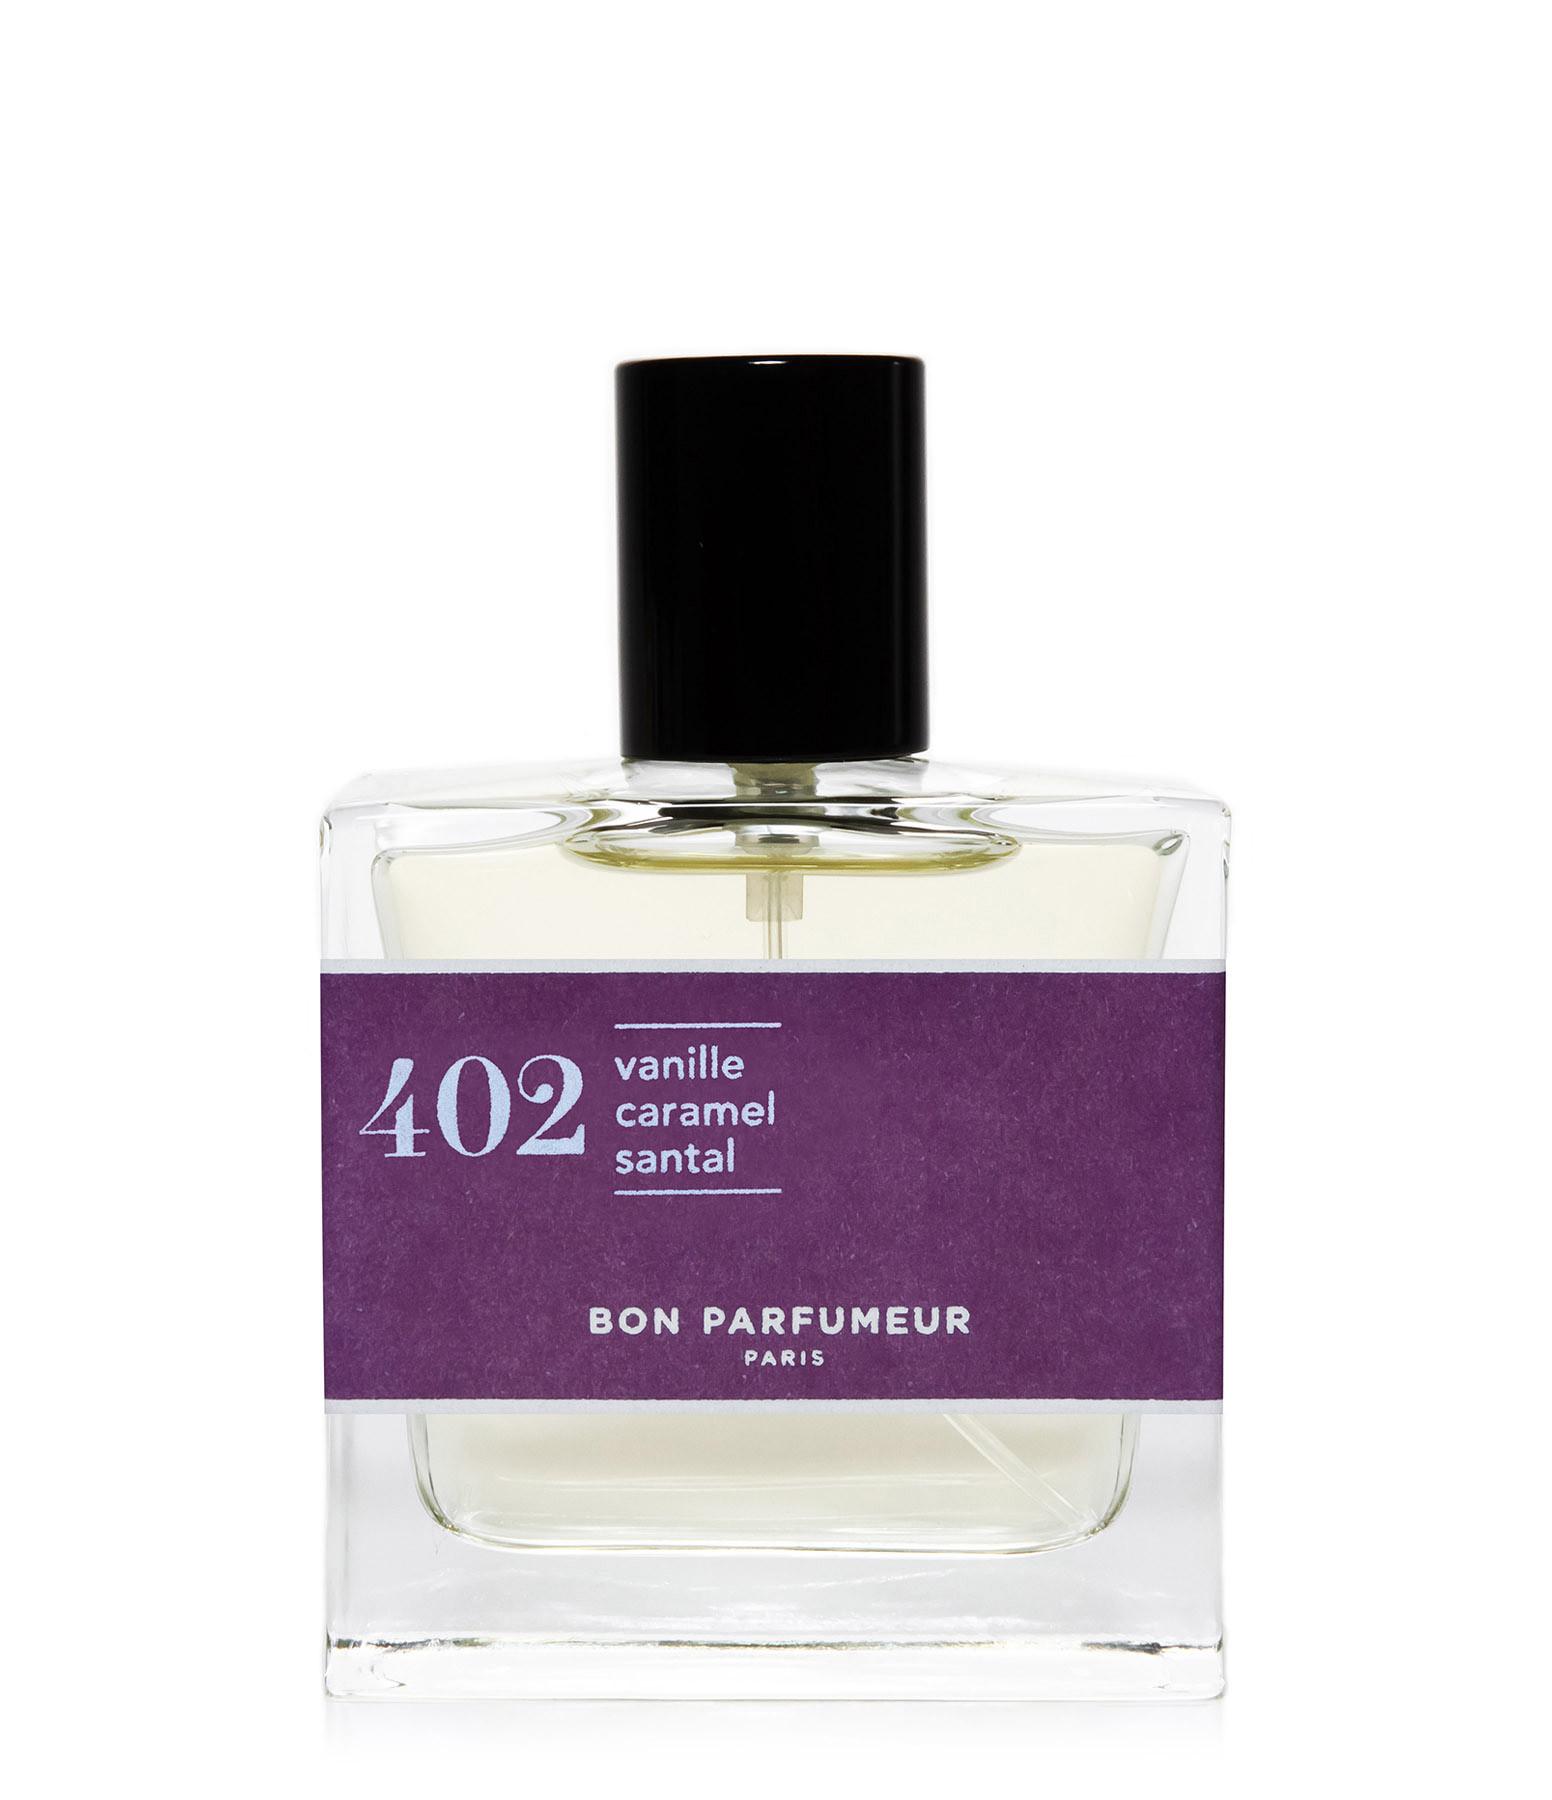 BON PARFUMEUR - Eau de Parfum #402 Vanille, Caramel, Santal